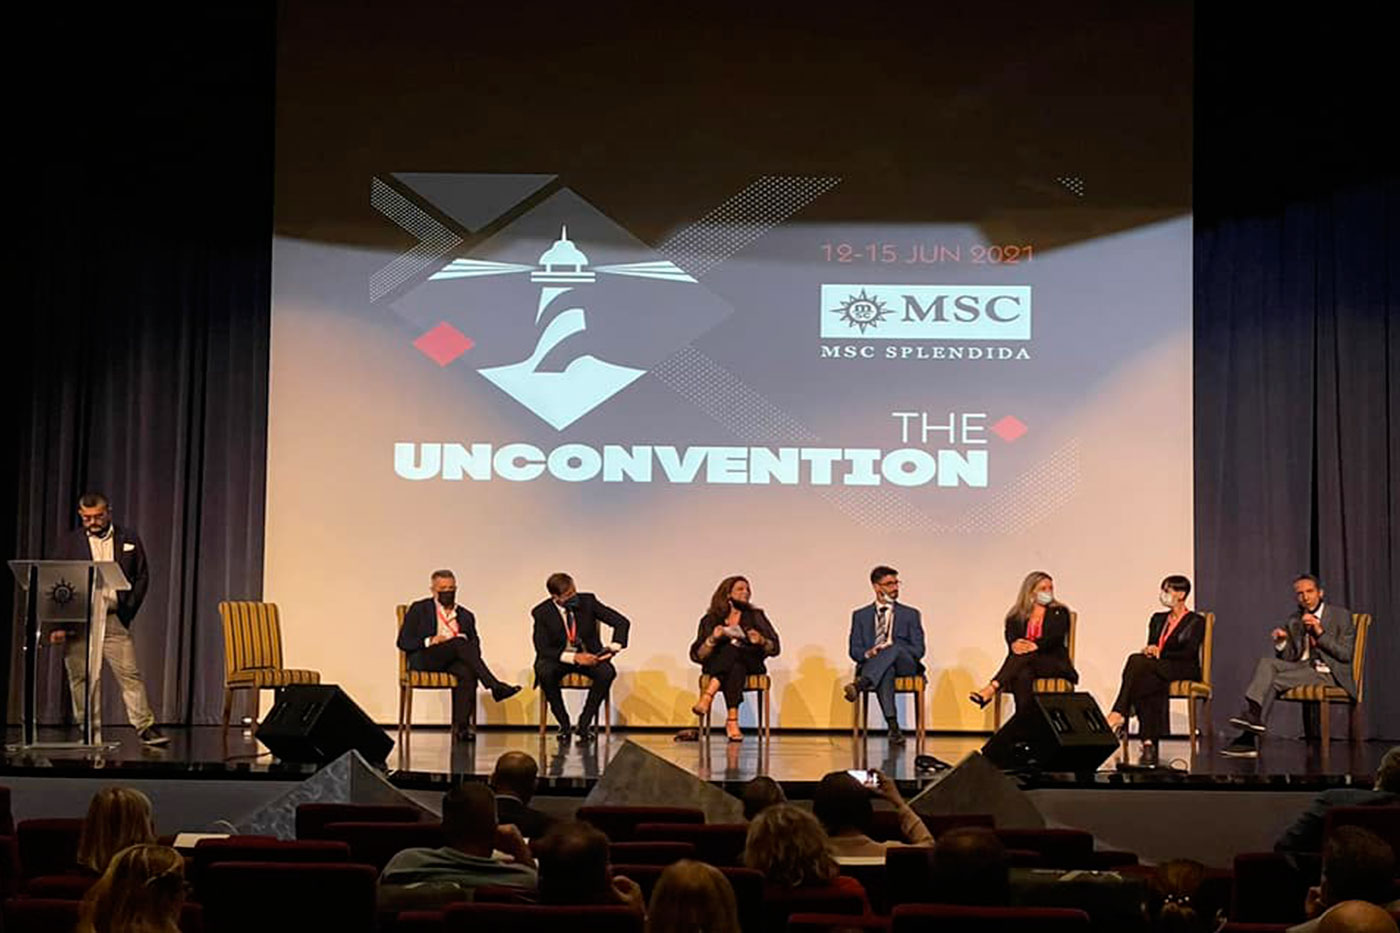 THE UNCONVENTION FARO GROUP. IL FUTURO INIZIA OGGI